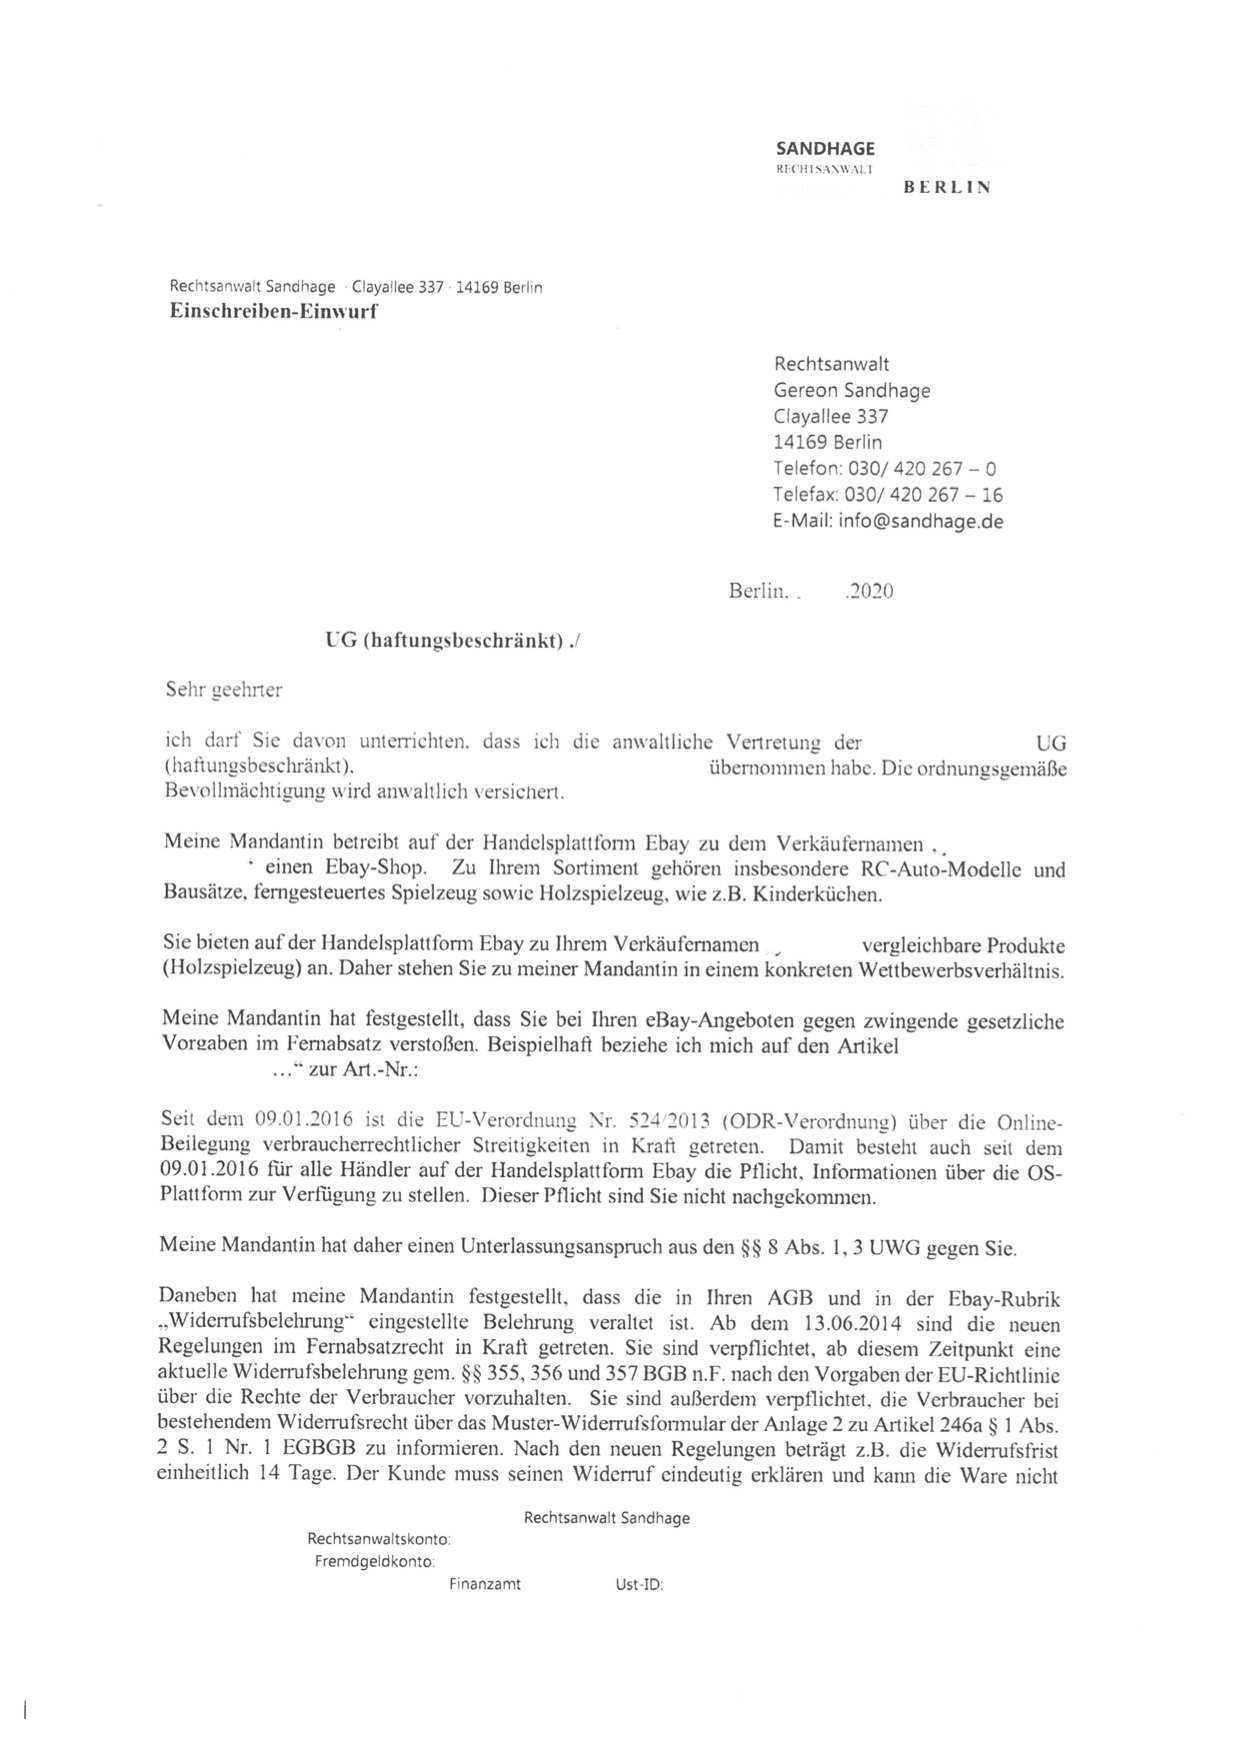 Abmahnung Sandhage Wegen Unterlassung Im Wettbewerbsrecht